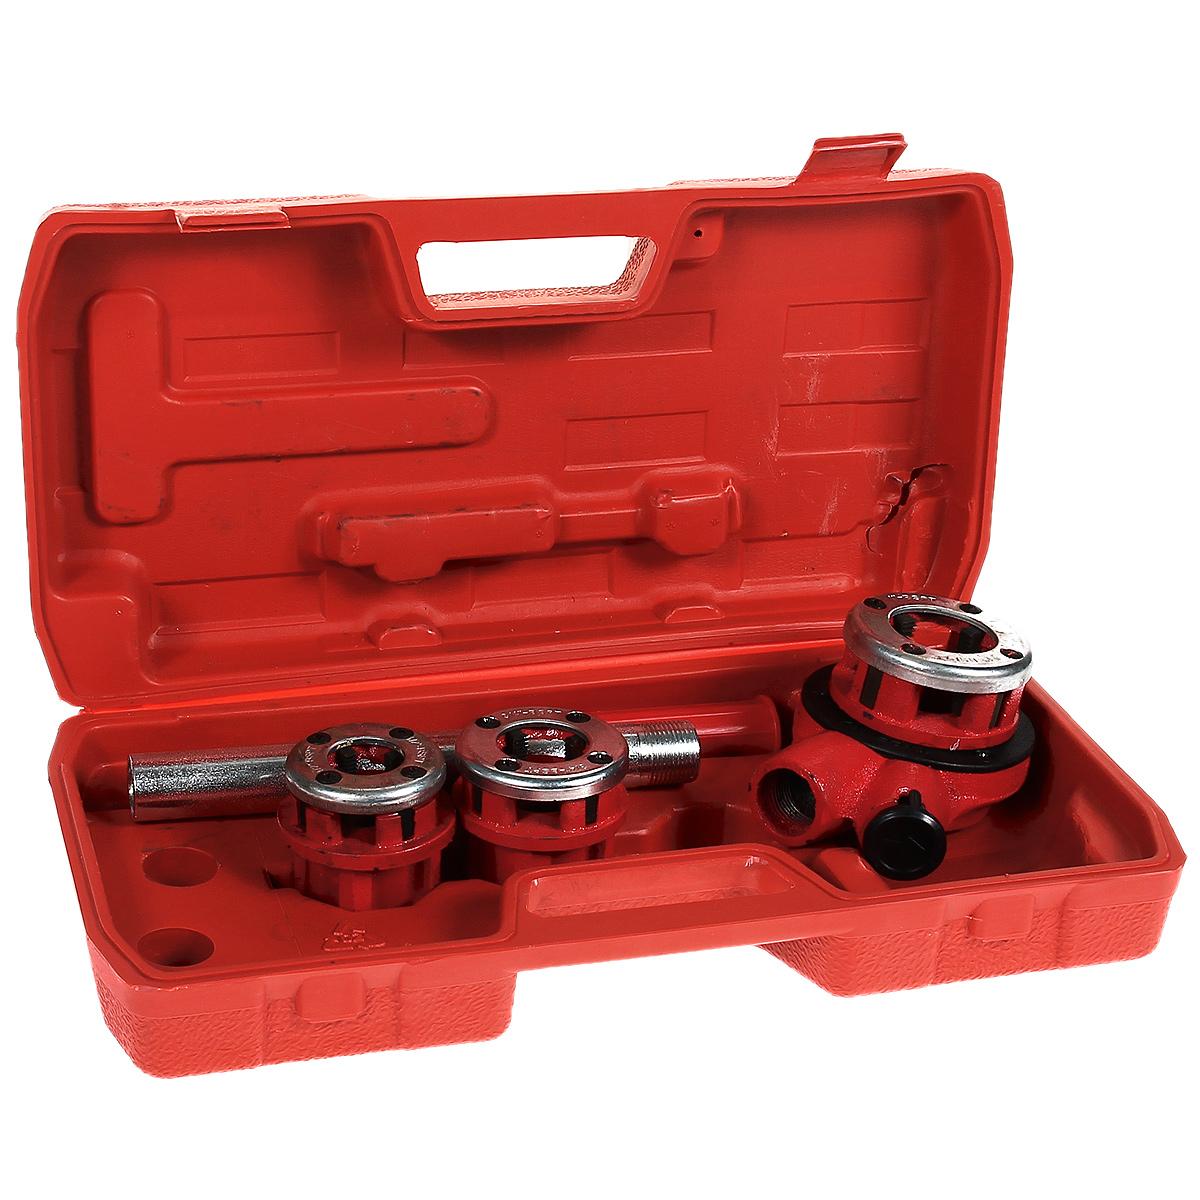 Клуппы трубные FIT, 1/2-3/4-1, 3 шт70003Клуппы трубные FIT предназначены для нарезания наружной резьбы на металлических трубах стандартного диаметра. В комплект входит: - держатель с реверсивным механизмом, - рычаг, - удлинитель рычага, - 3 клуппа. Каждый клупп представляет собой металлический корпус, в котором расположены гнезда для установки 4 сменных резцов. Для фиксации резцов применен бандаж в виде кольца. Резцы выполнены из высококачественной инструментальной стали, маркированы номерами 1, 2, 3, 4 и размещаются последовательно друг за другом по кругу против часовой стрелки. В комплекте присутствует держатель с реверсивным механизмом, в который вставляется клупп и удерживается в нем с помощью пружинного стопорного кольца. Держатель снабжен реверсивно-трещоточным механизмом для нарезания резьбы и снятия клуппа с уже нарезанной резьбы. Перед началом нарезания резьбы на торце трубы необходимо снять фаску и смазать обрабатываемую поверхность смазкой. Клупп надевается на трубу со...